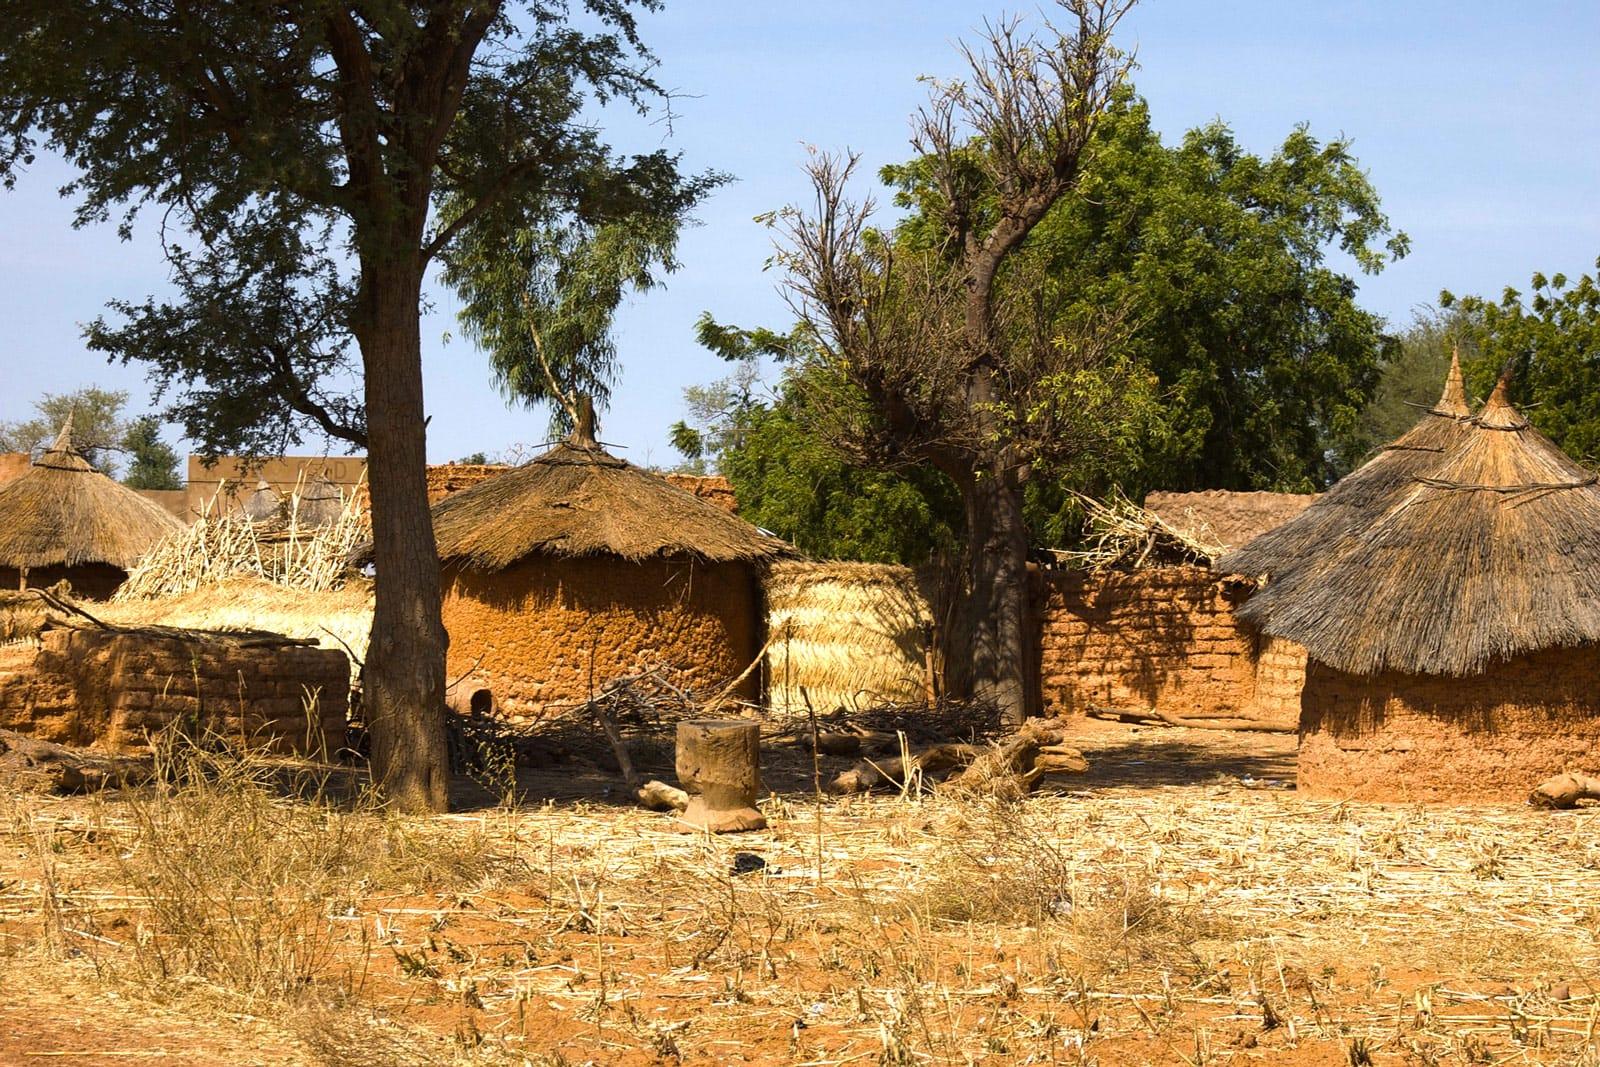 Dorf In Burkina Faso Westafrika